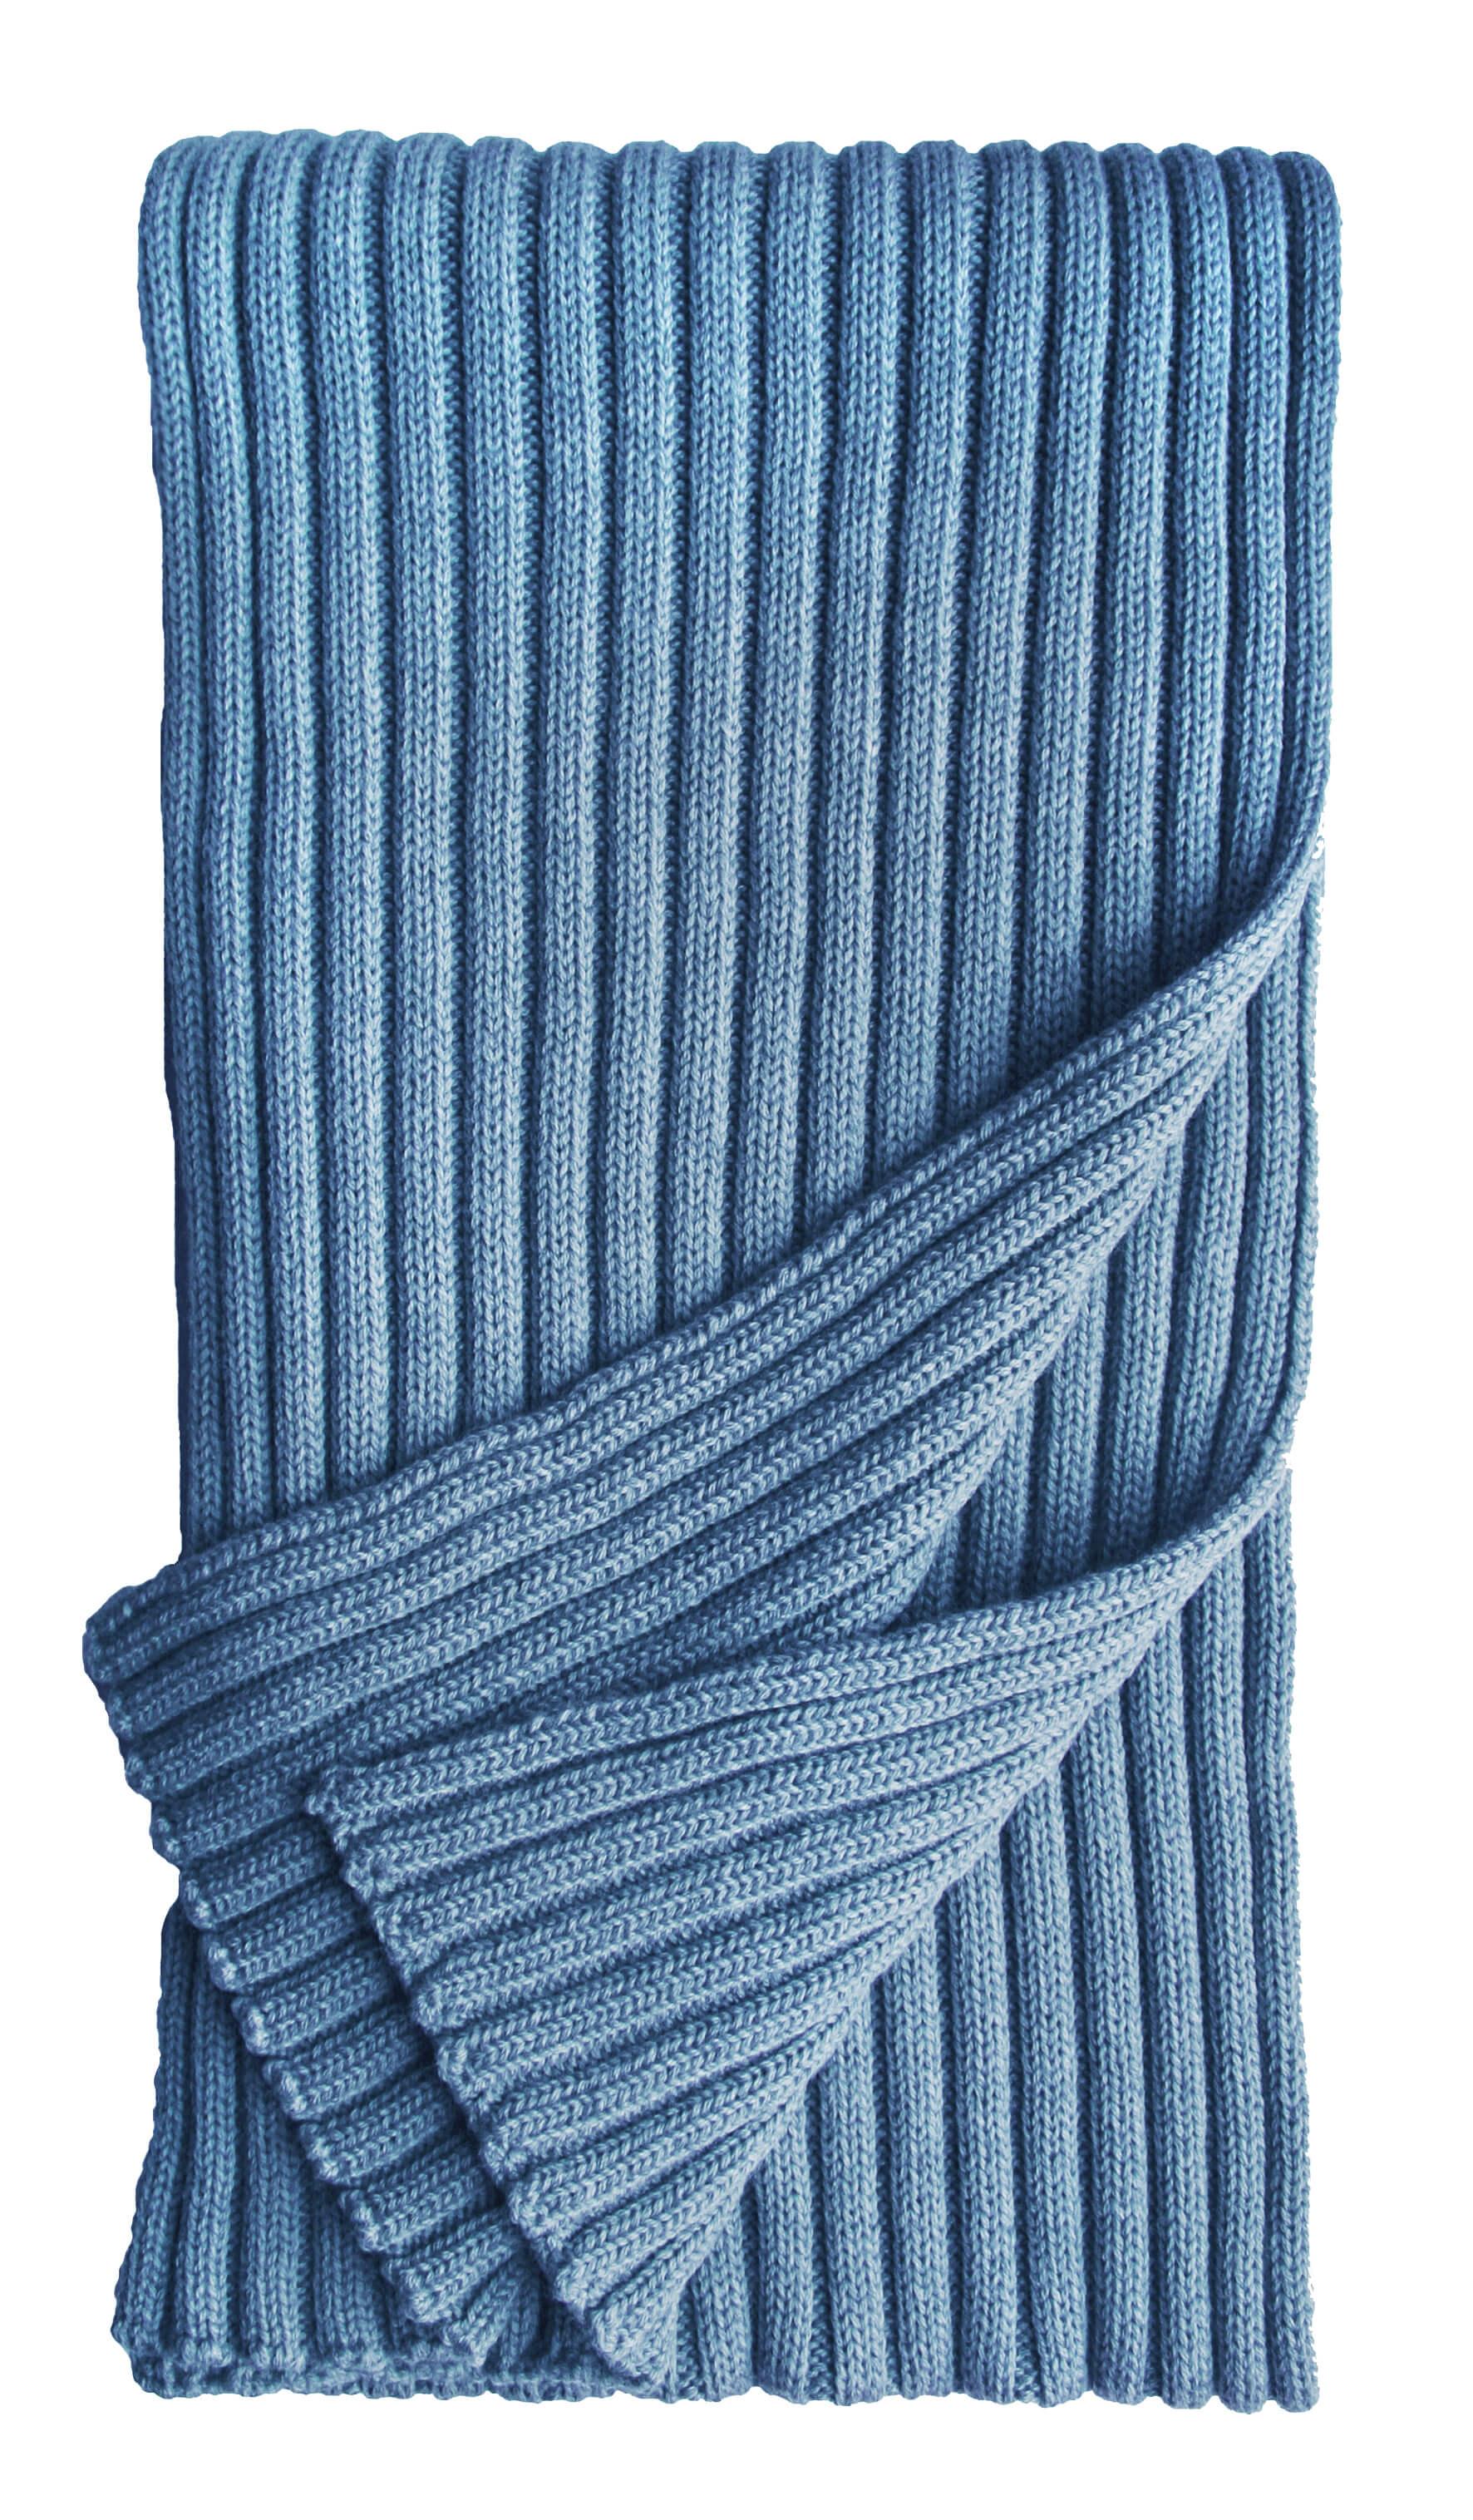 Bild von 042-0186_778, Variante jeansblau